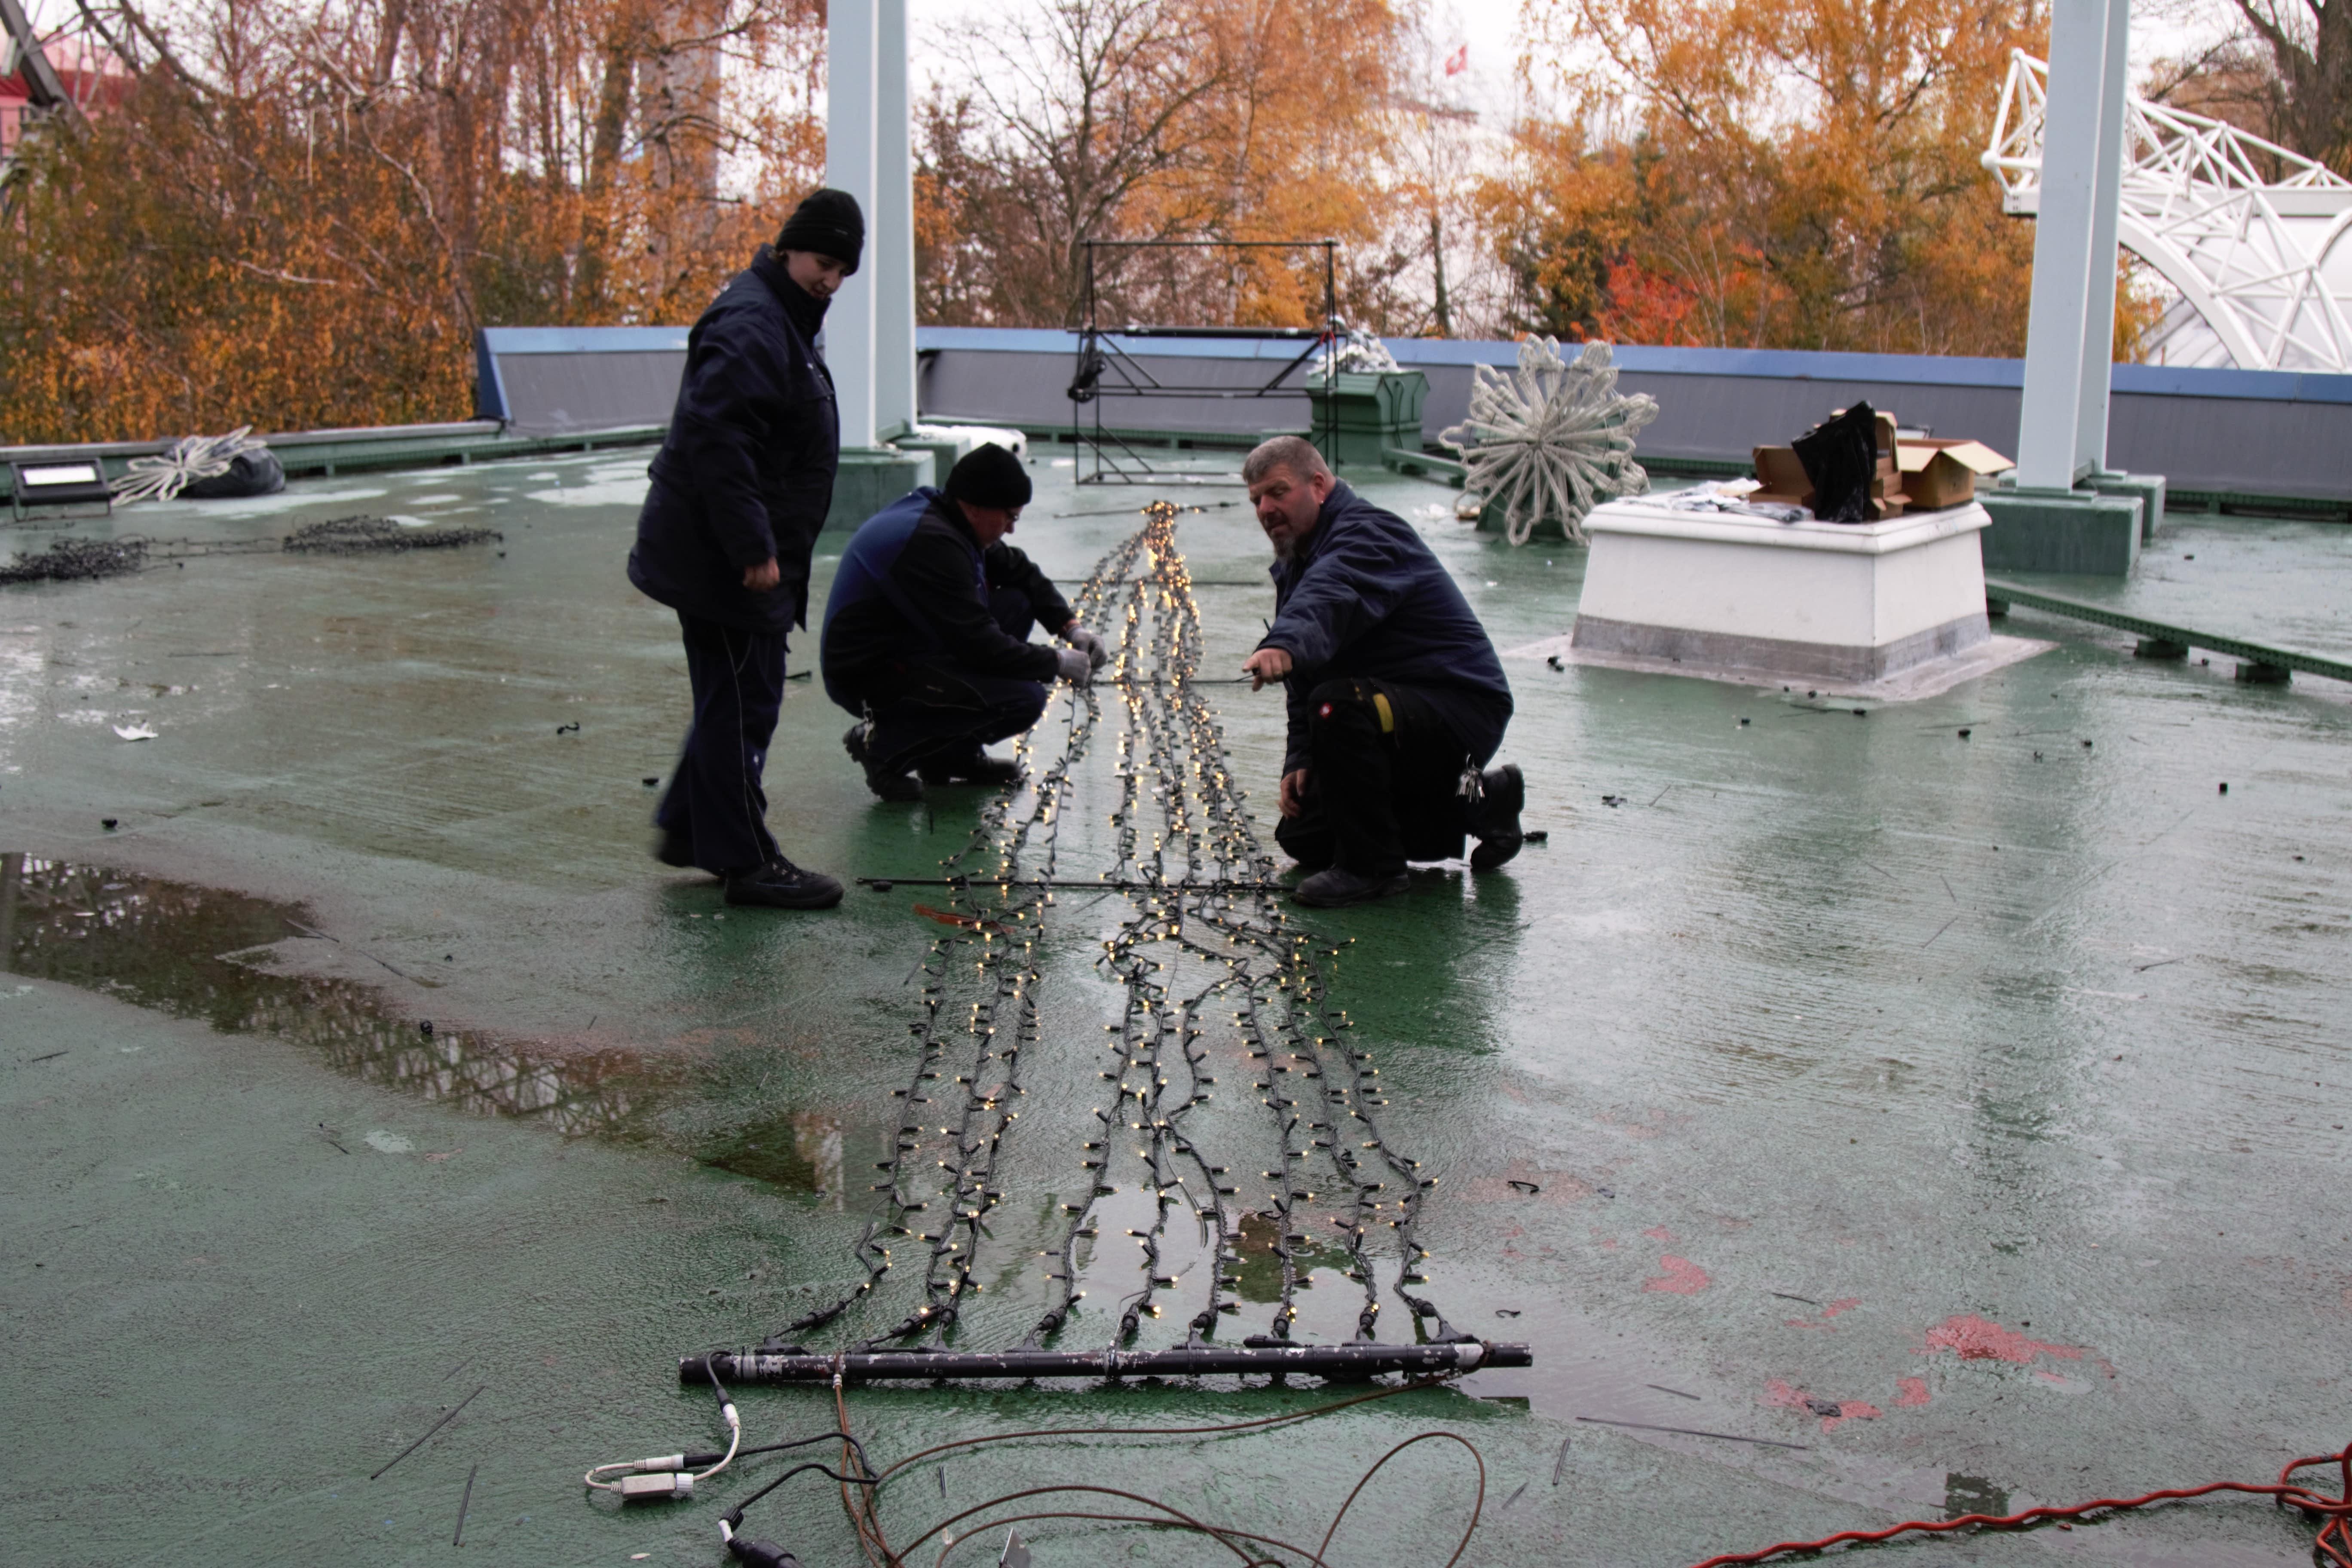 Das Team am Boden checkt vorab jedes einzelne LED-Lämpchen auf Funktionstüchtigkeit.